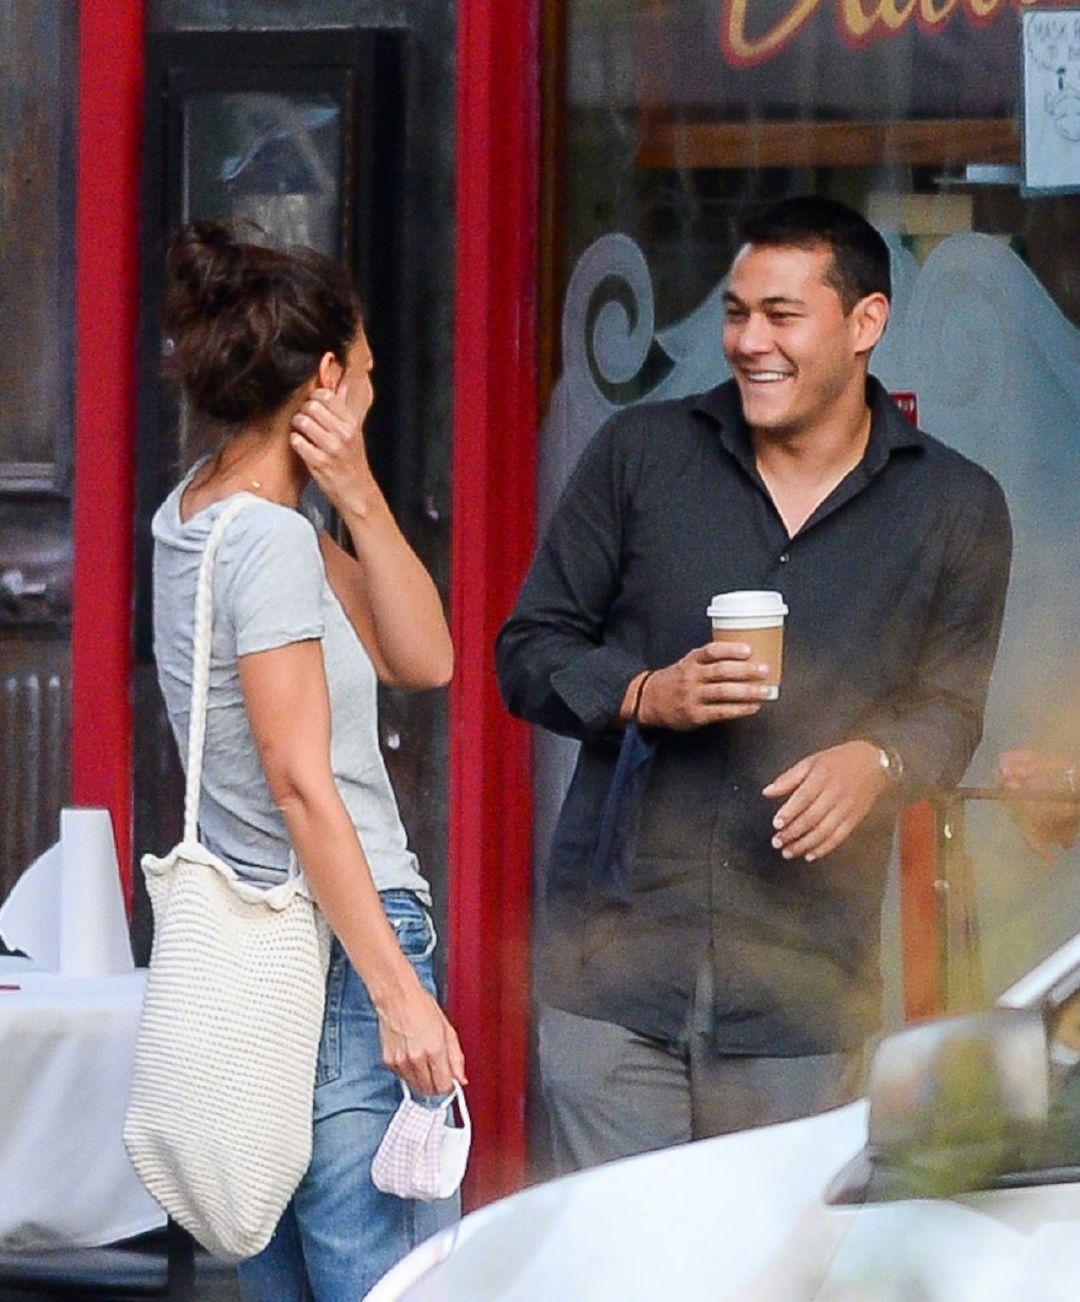 41岁的凯蒂·赫尔姆斯(Katie Holmes)和33岁的新男友Emilio Vitolo J